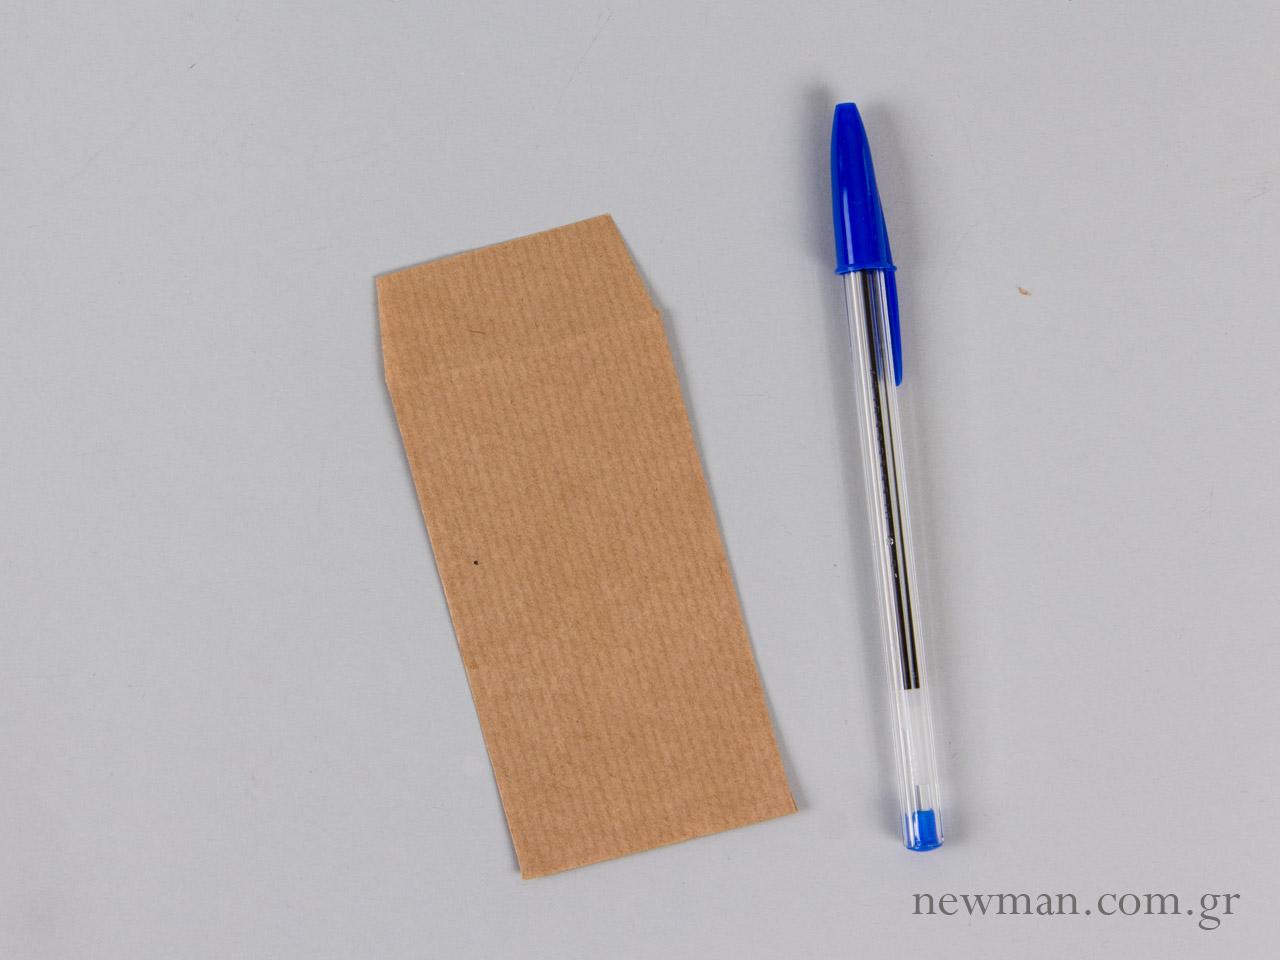 Χάρτινο σακουλάκι φάκελος xartino sakoulaki a853dc42fb0